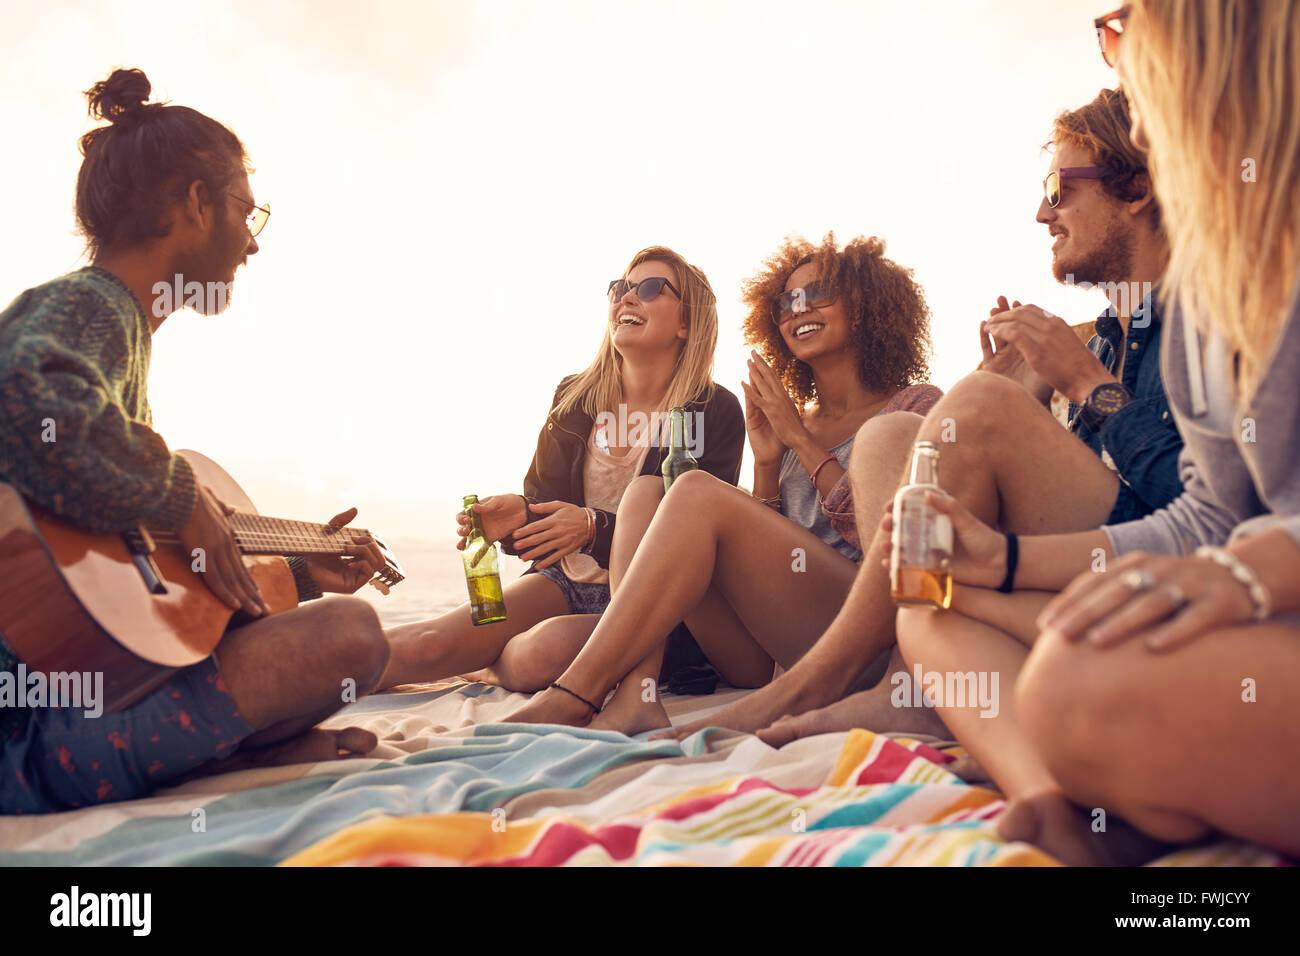 Felice hipsters rilassante e suonare la chitarra in spiaggia. Gli amici a bere birre e ascolto di musica. Divertirsi Immagini Stock